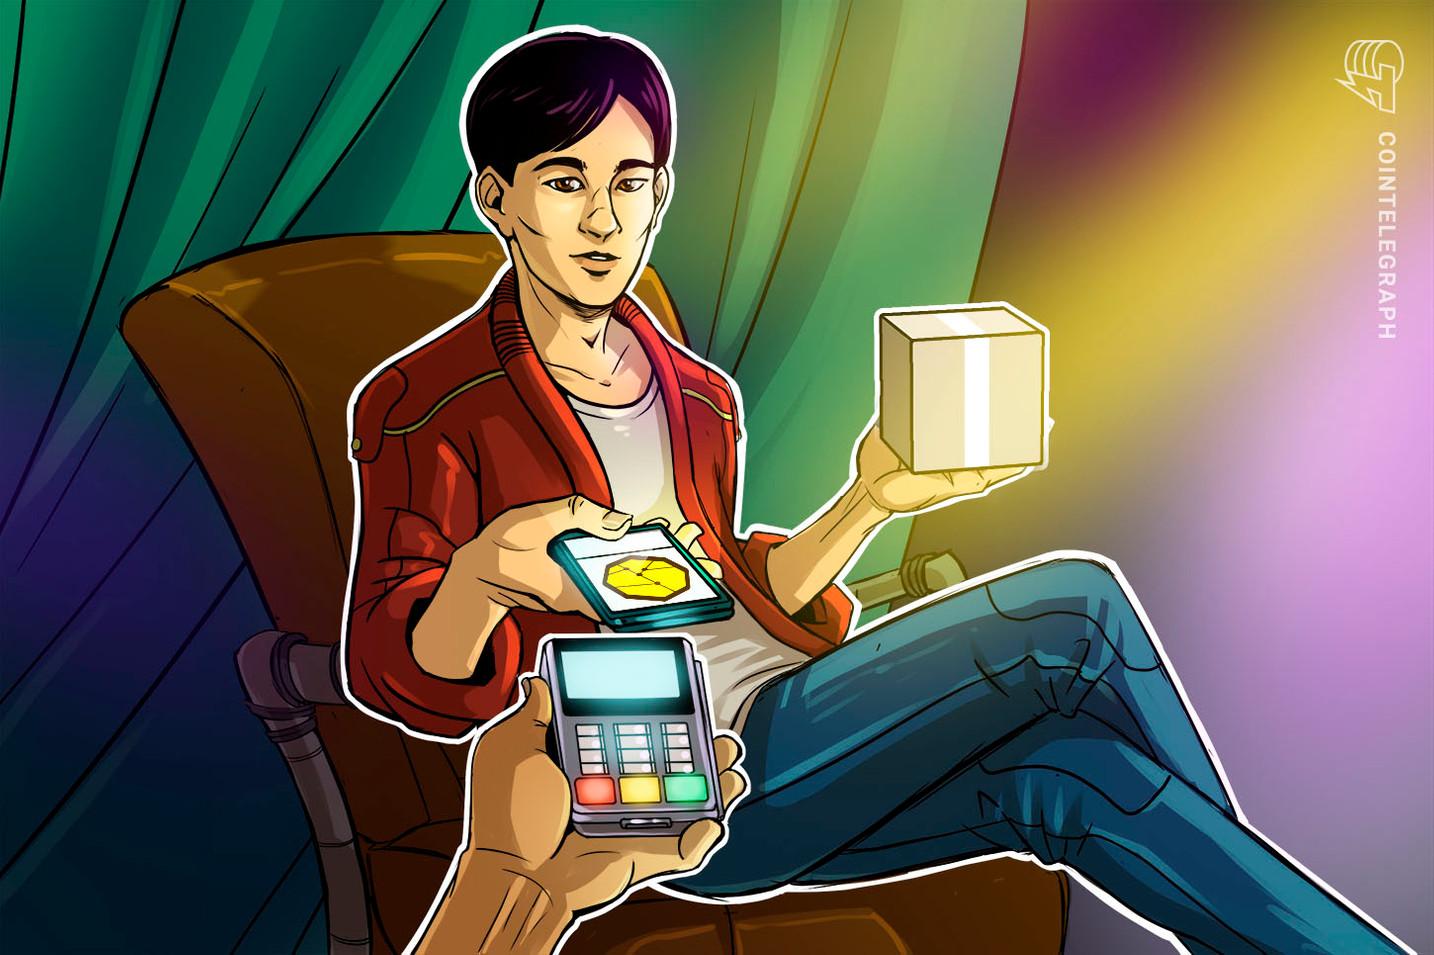 AMC Theatres estrena los pagos con criptomonedas para compras de tarjetas de regalo electrónicas